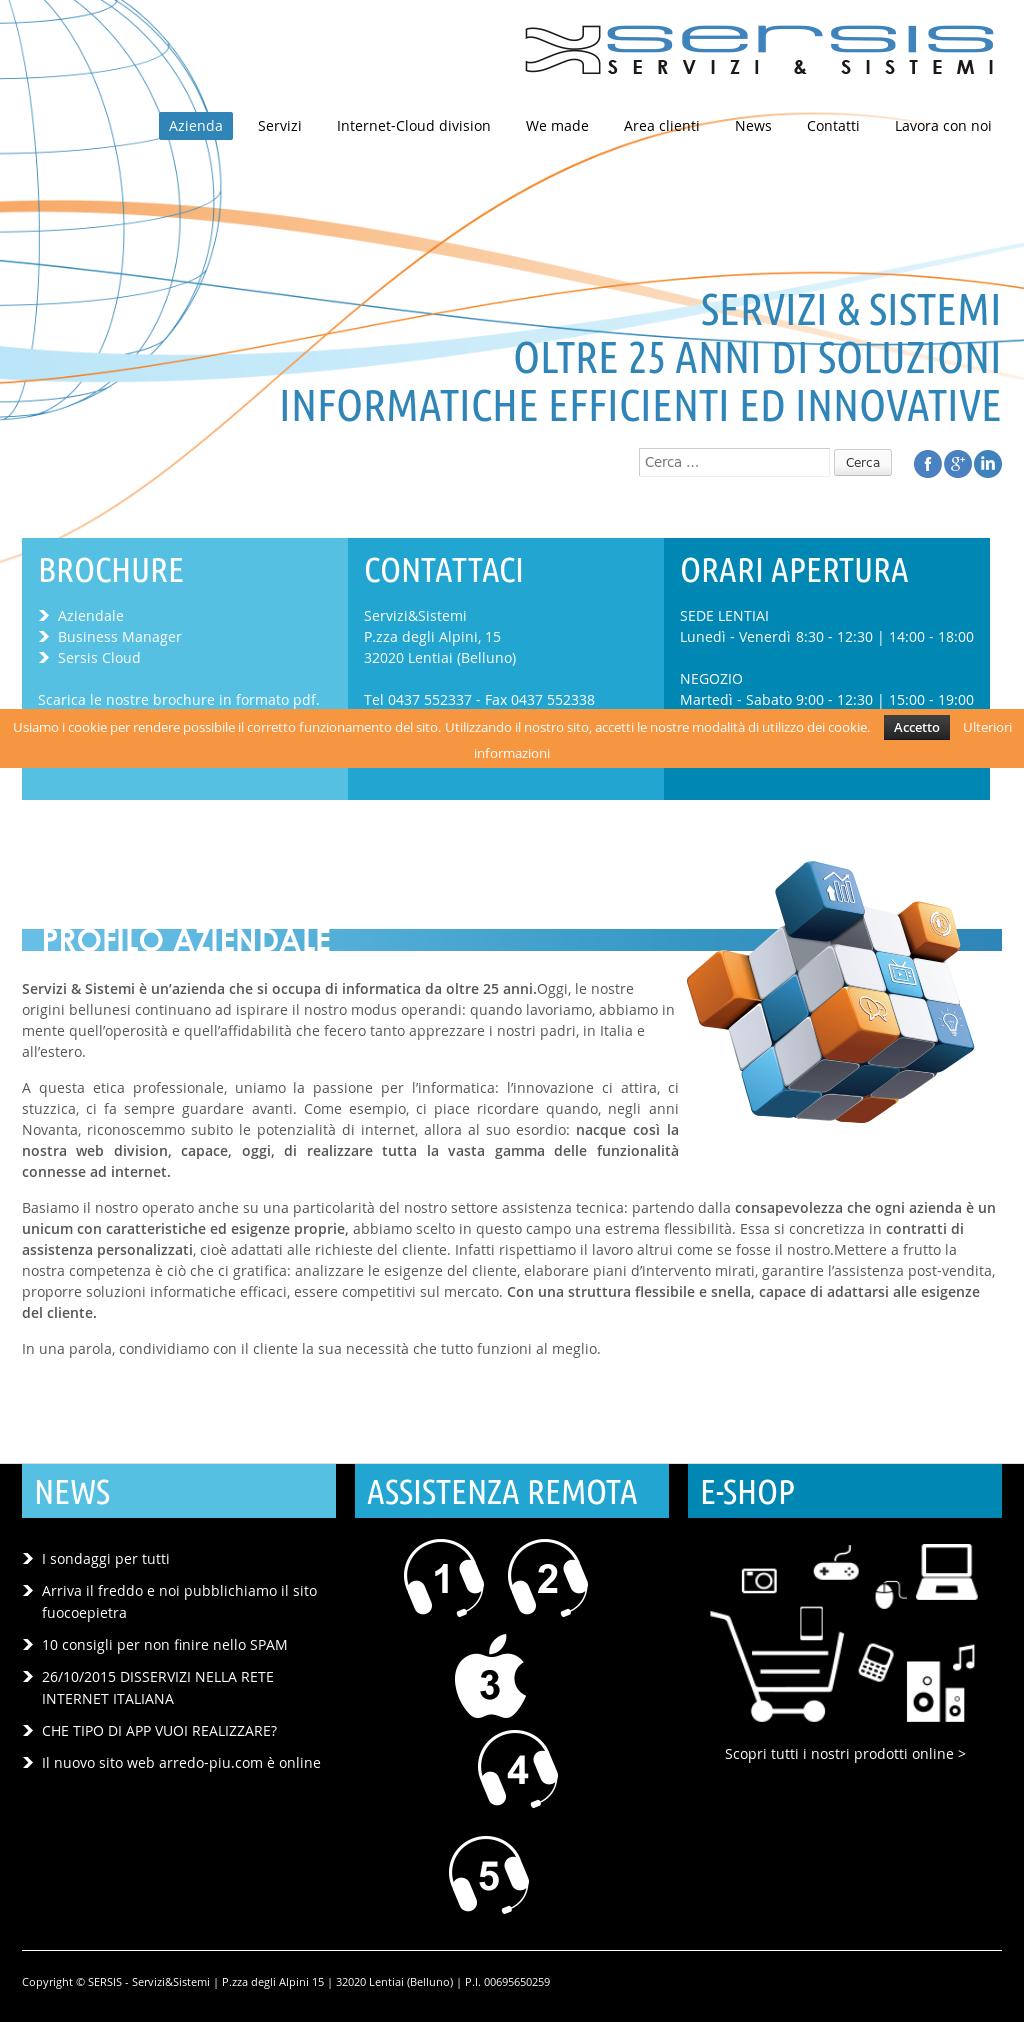 Il Freddo Quando Arriva sersis - servizi & sistemi s.n.c. soluzioni informatiche